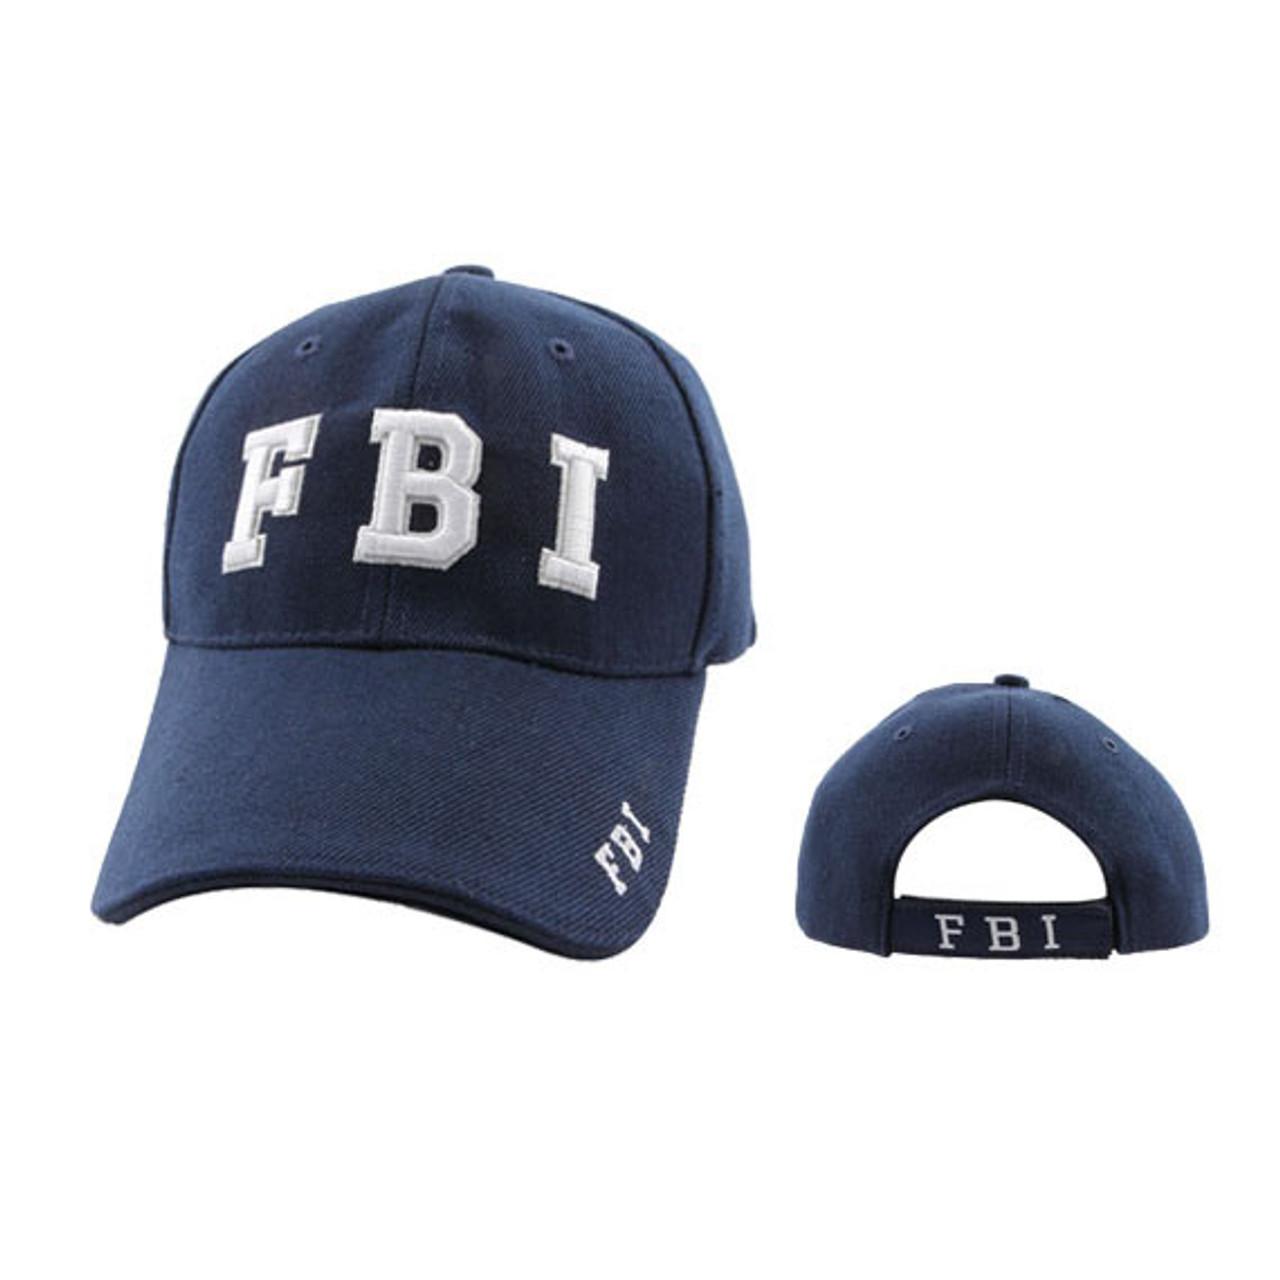 FBI Baseball Hat Wholesale-Blue 5a494a420d3